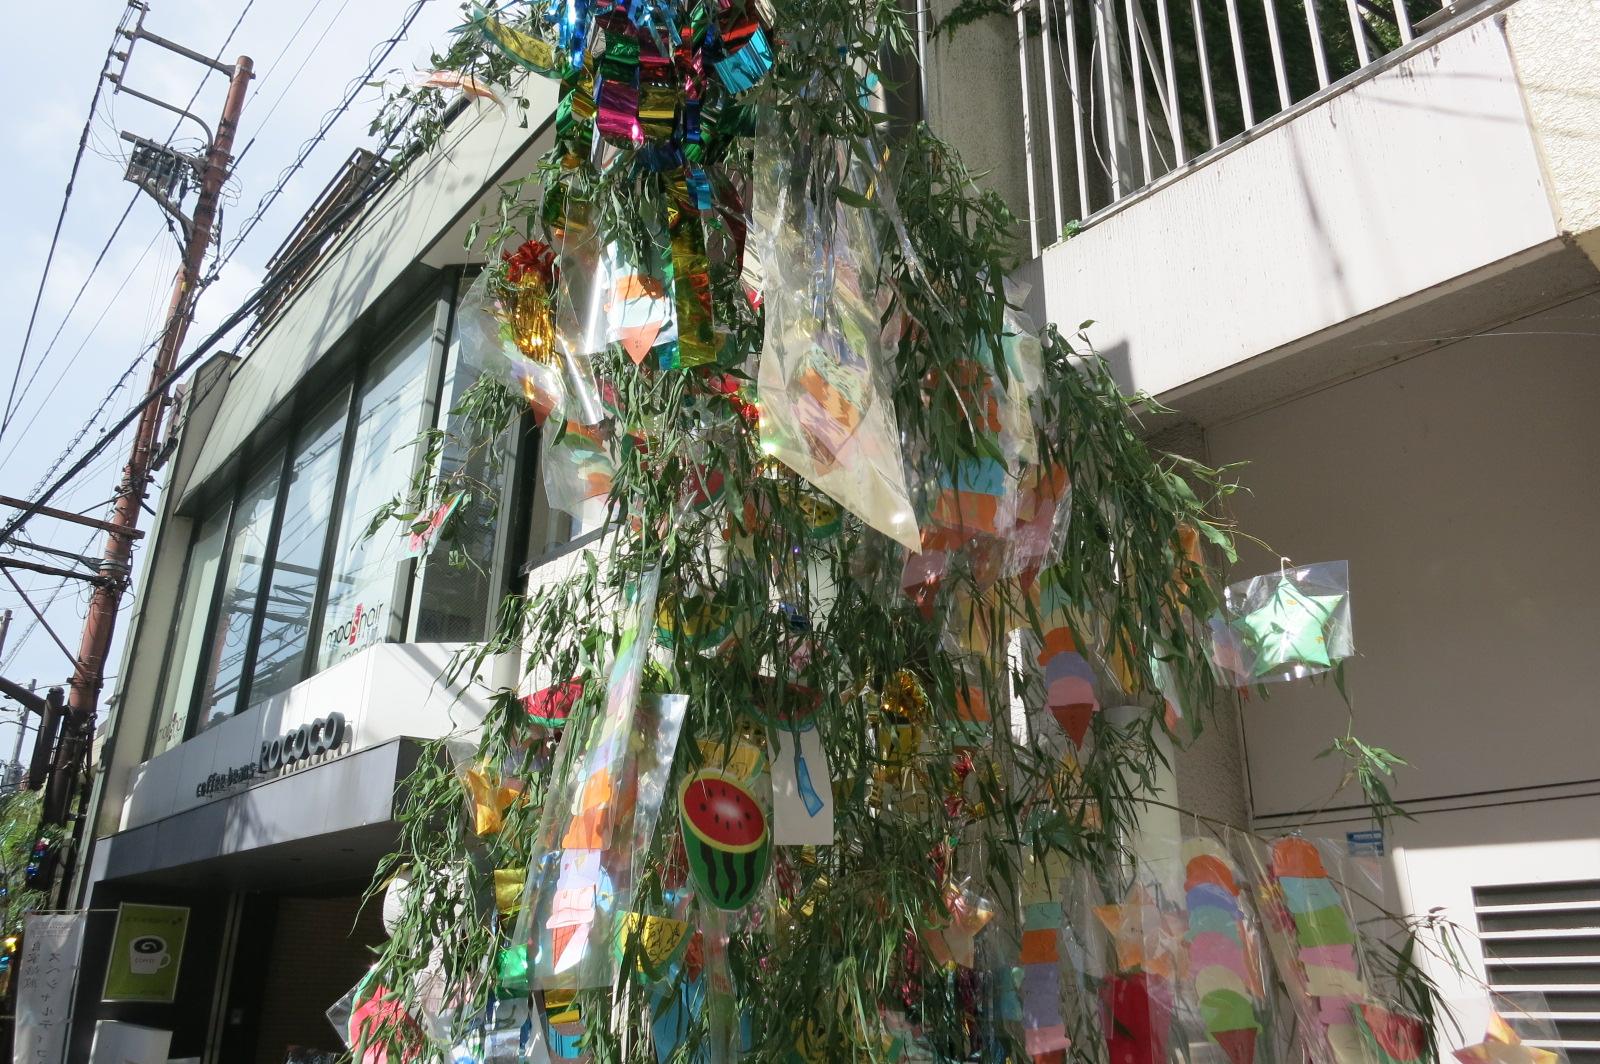 近鉄奈良駅前の小西さくら通りには、「七夕飾り」がたくさん飾られていました。